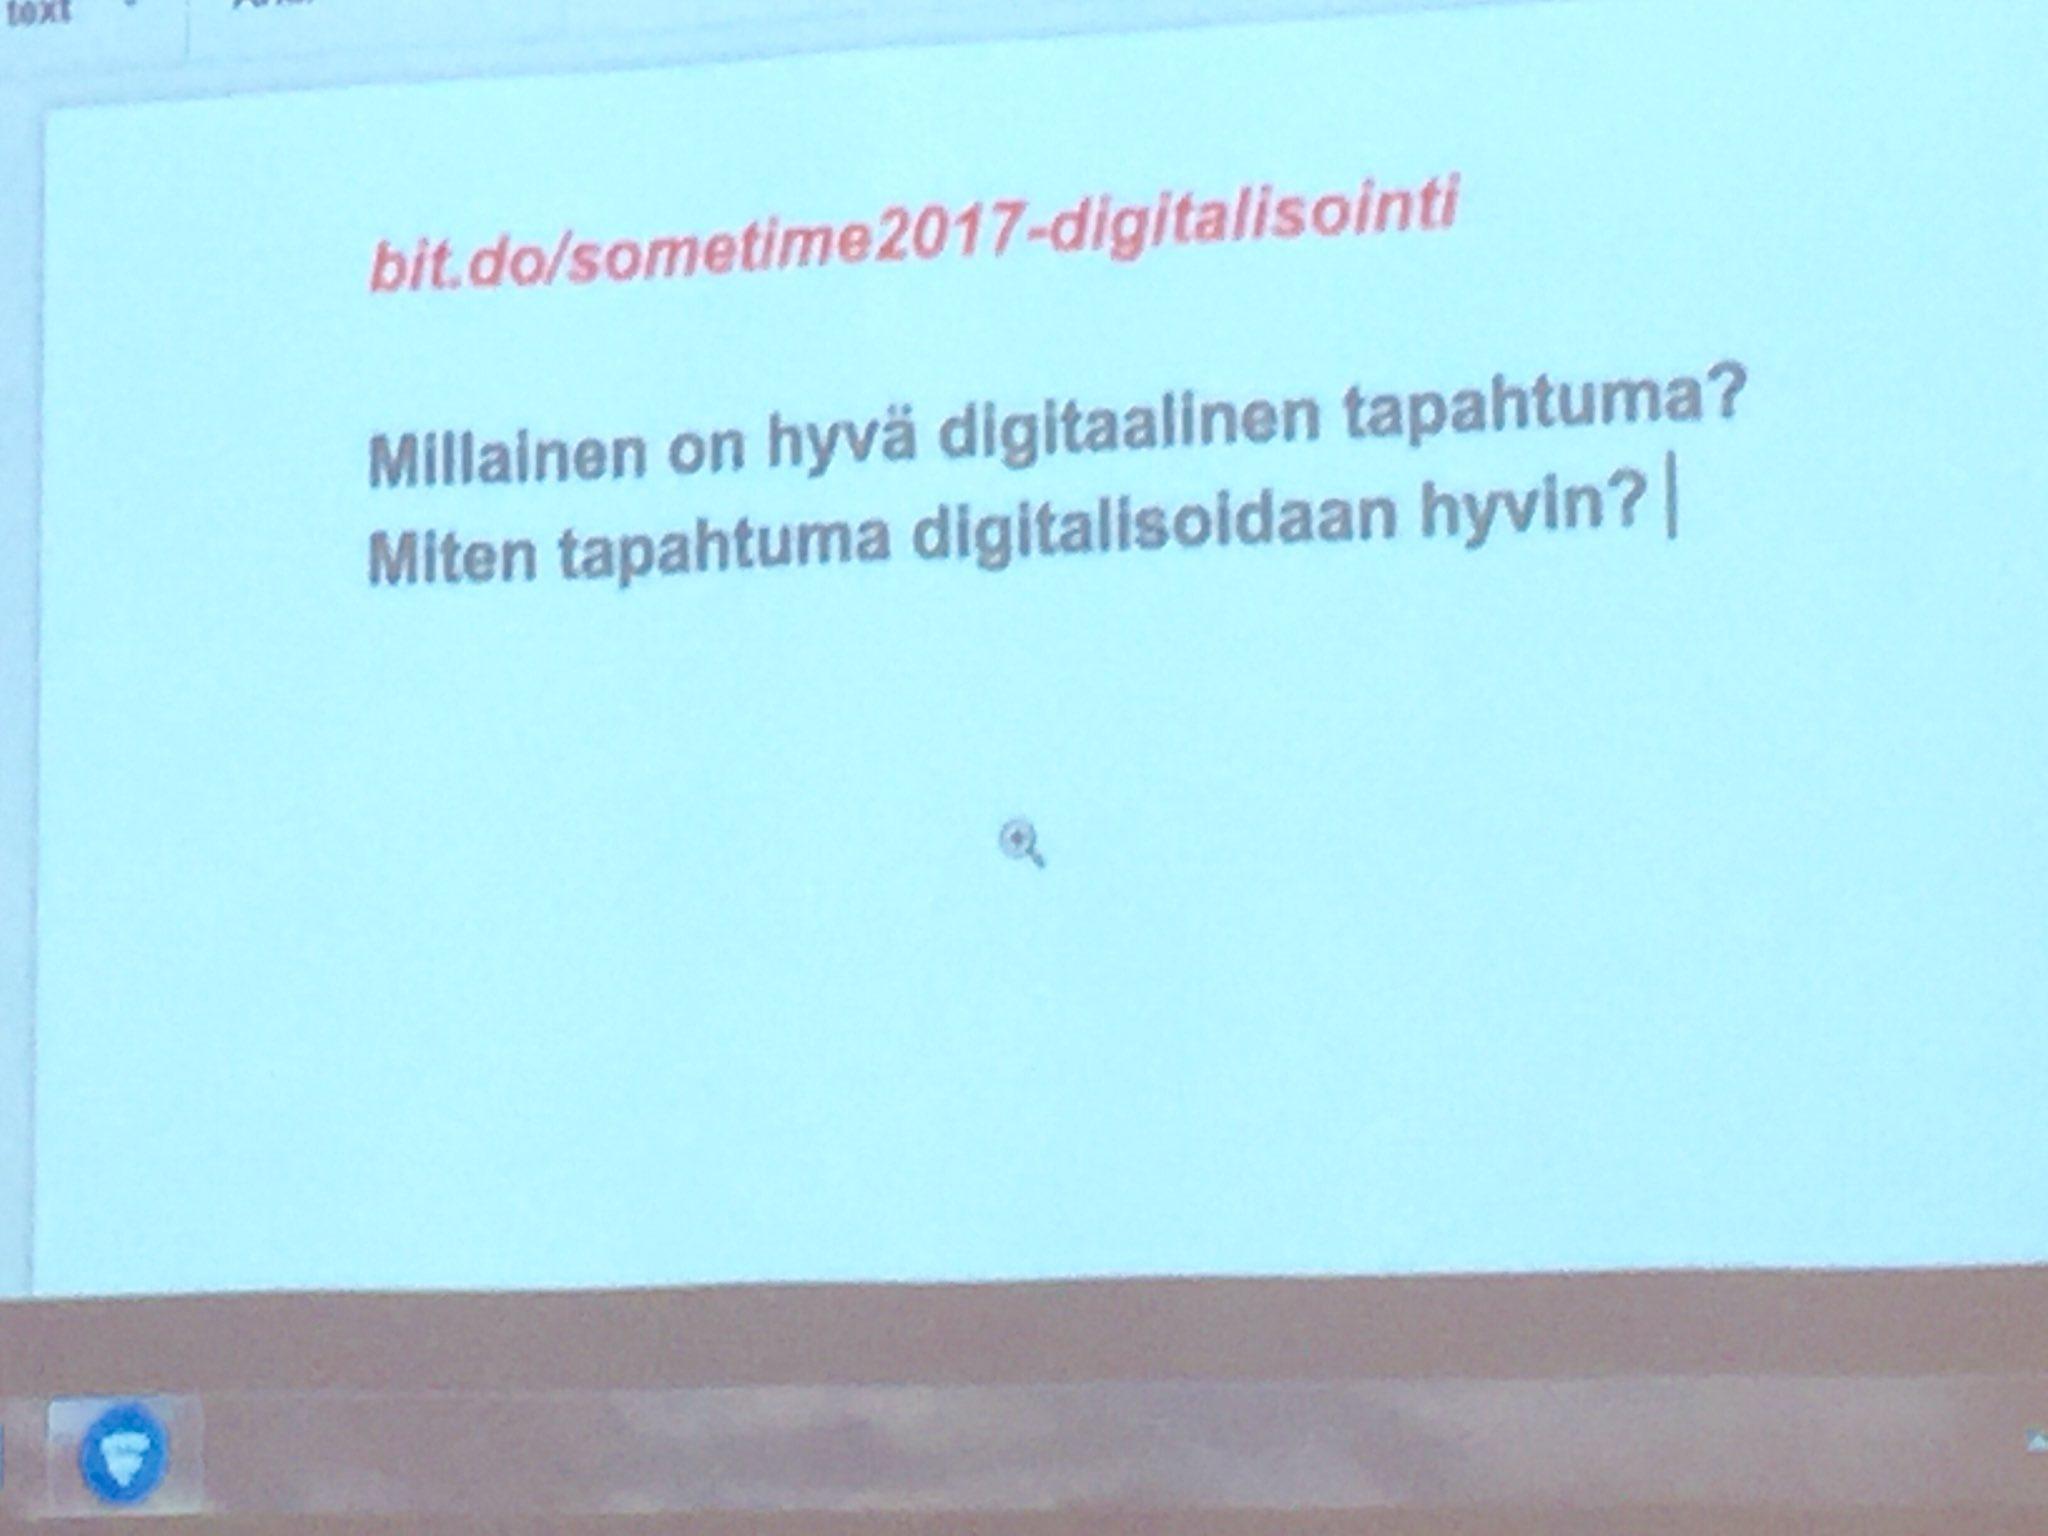 Tapahtuma ja #digitalisaatio: @jarmolahti teki yhteisöllisen dokumentin. Mene ja osallistu pohdintaan!  #SomeTime2017 #visitkimitoon https://t.co/iS9lOftYMG